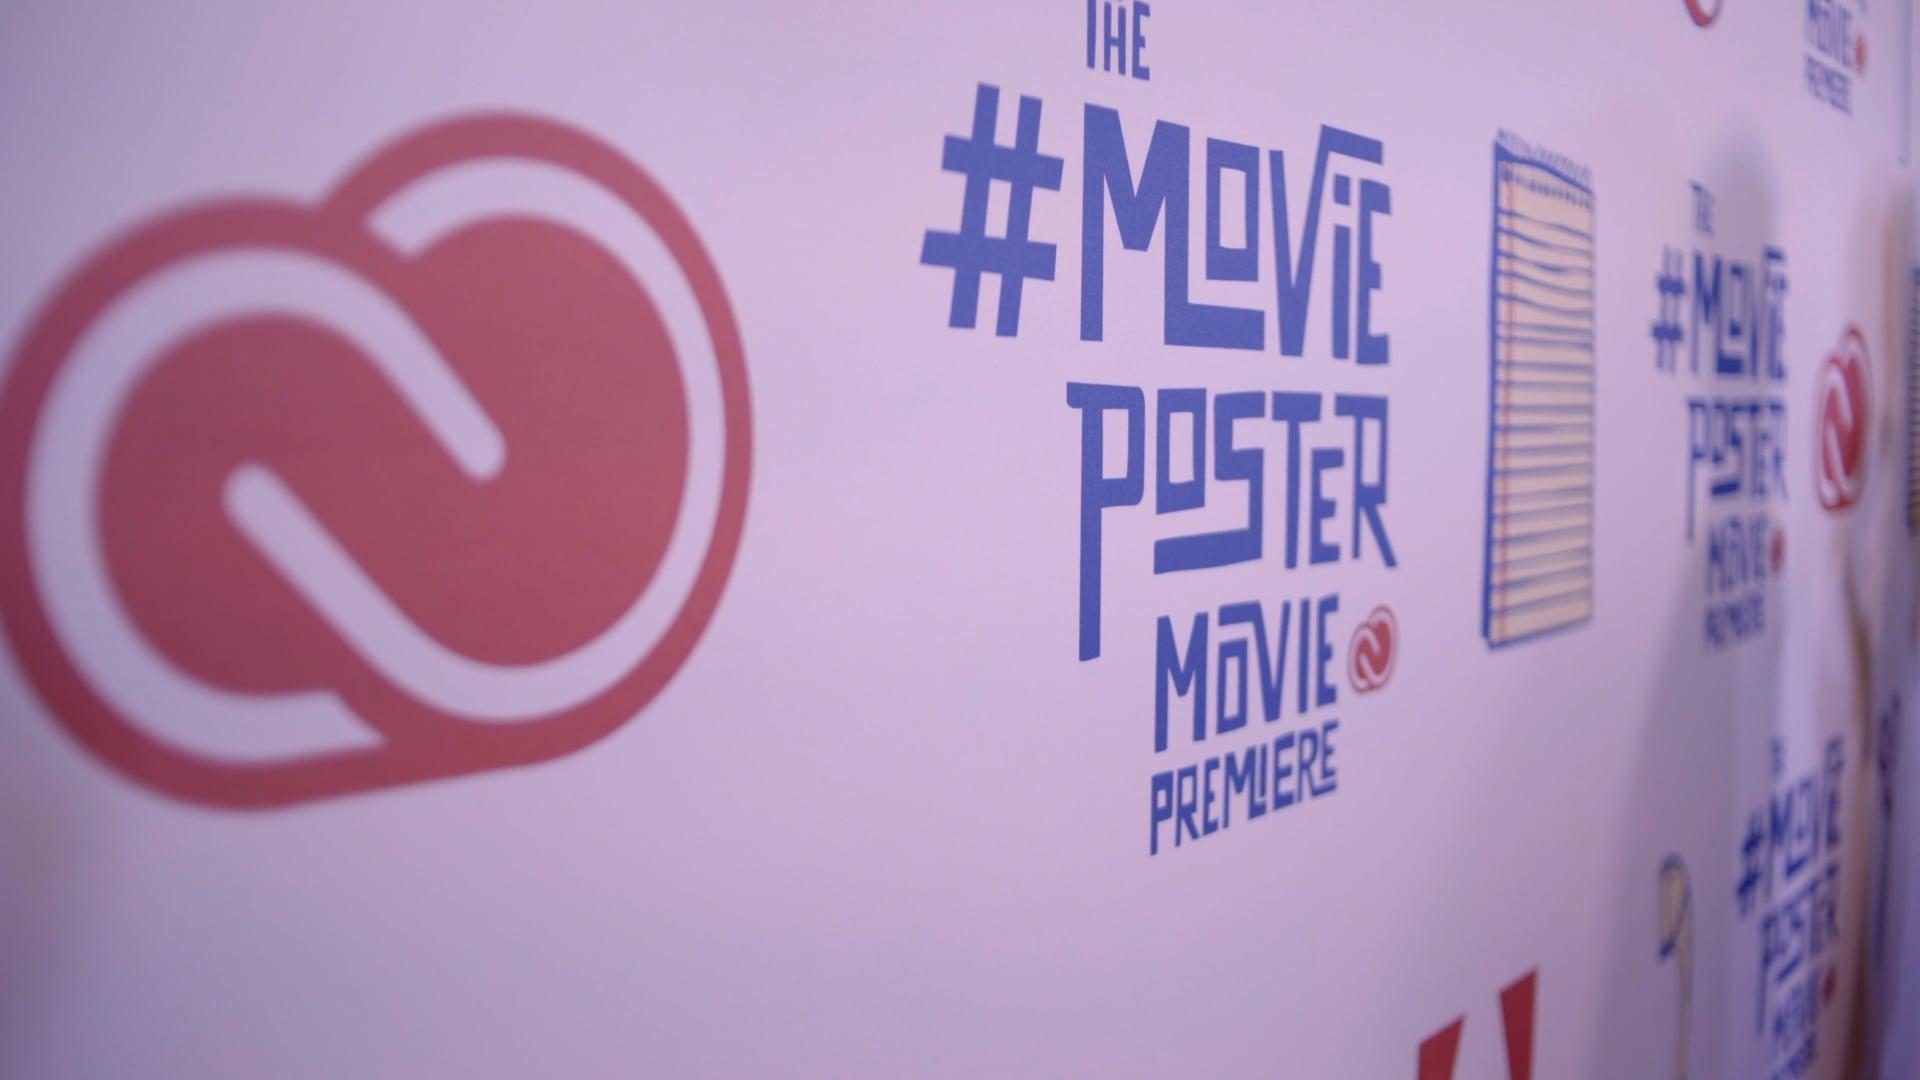 Triggerhouse x Adobe: Movie Poster Movie Premiere